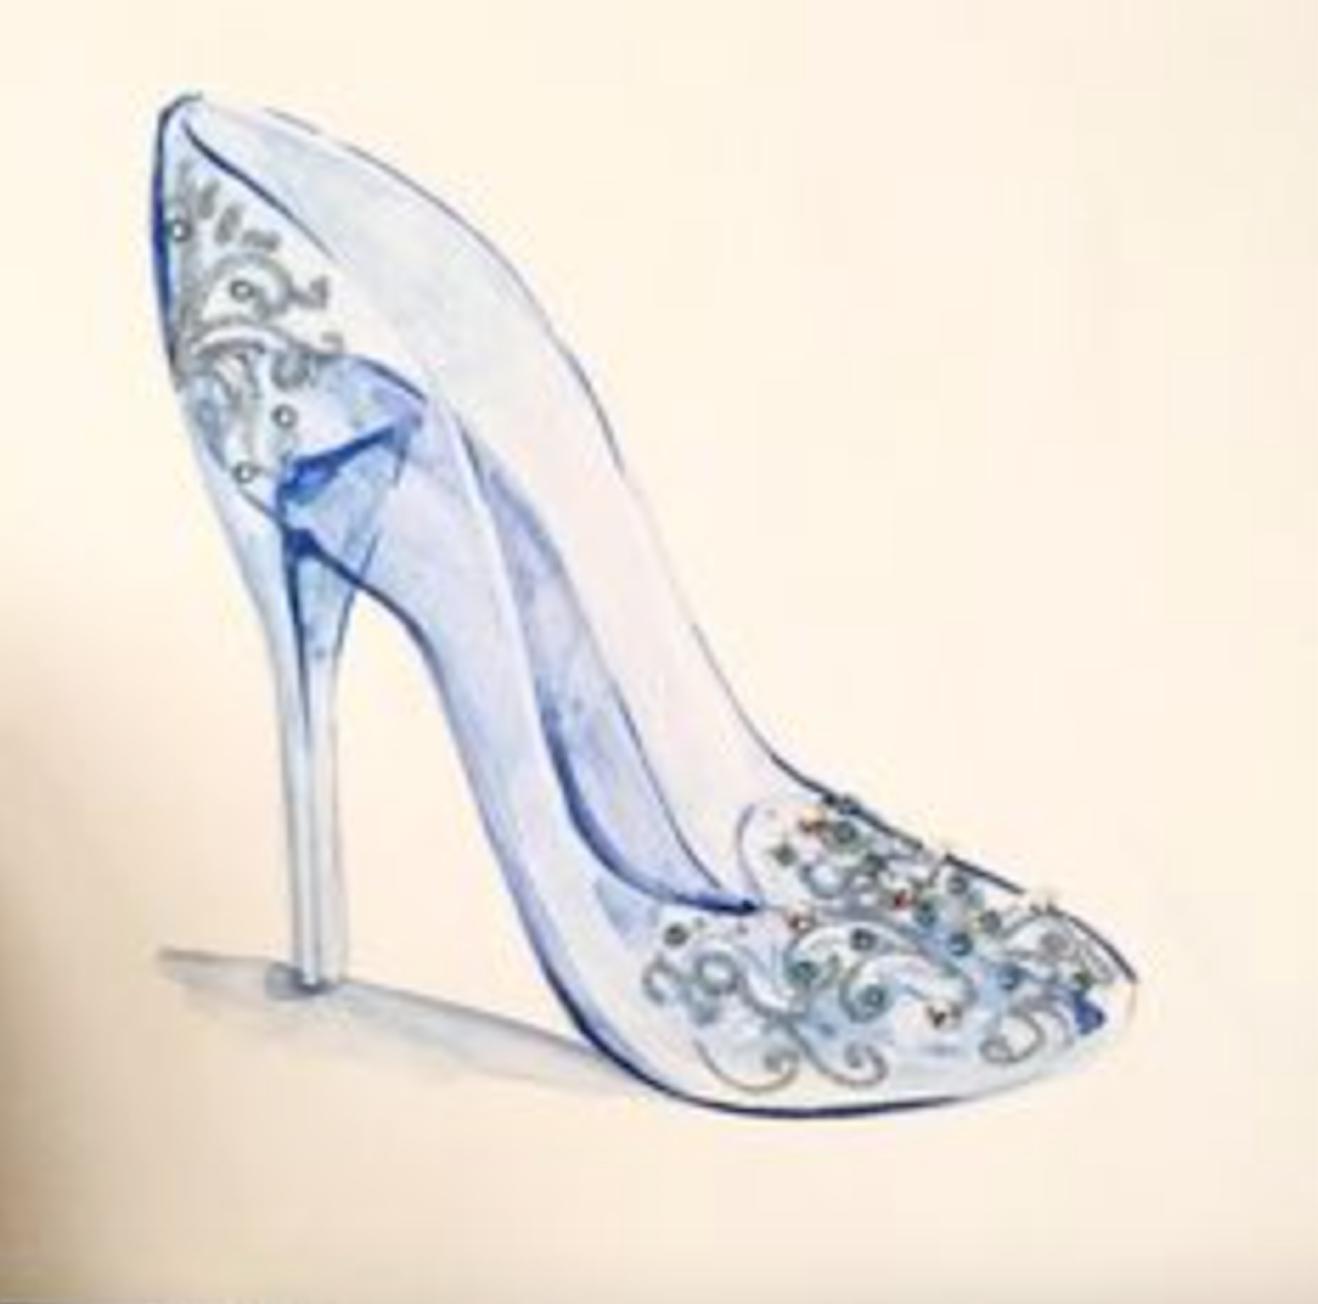 Upon Life SlipperOnce A Glass De Cinderella's My Zapatilla Rqc3ALS54j